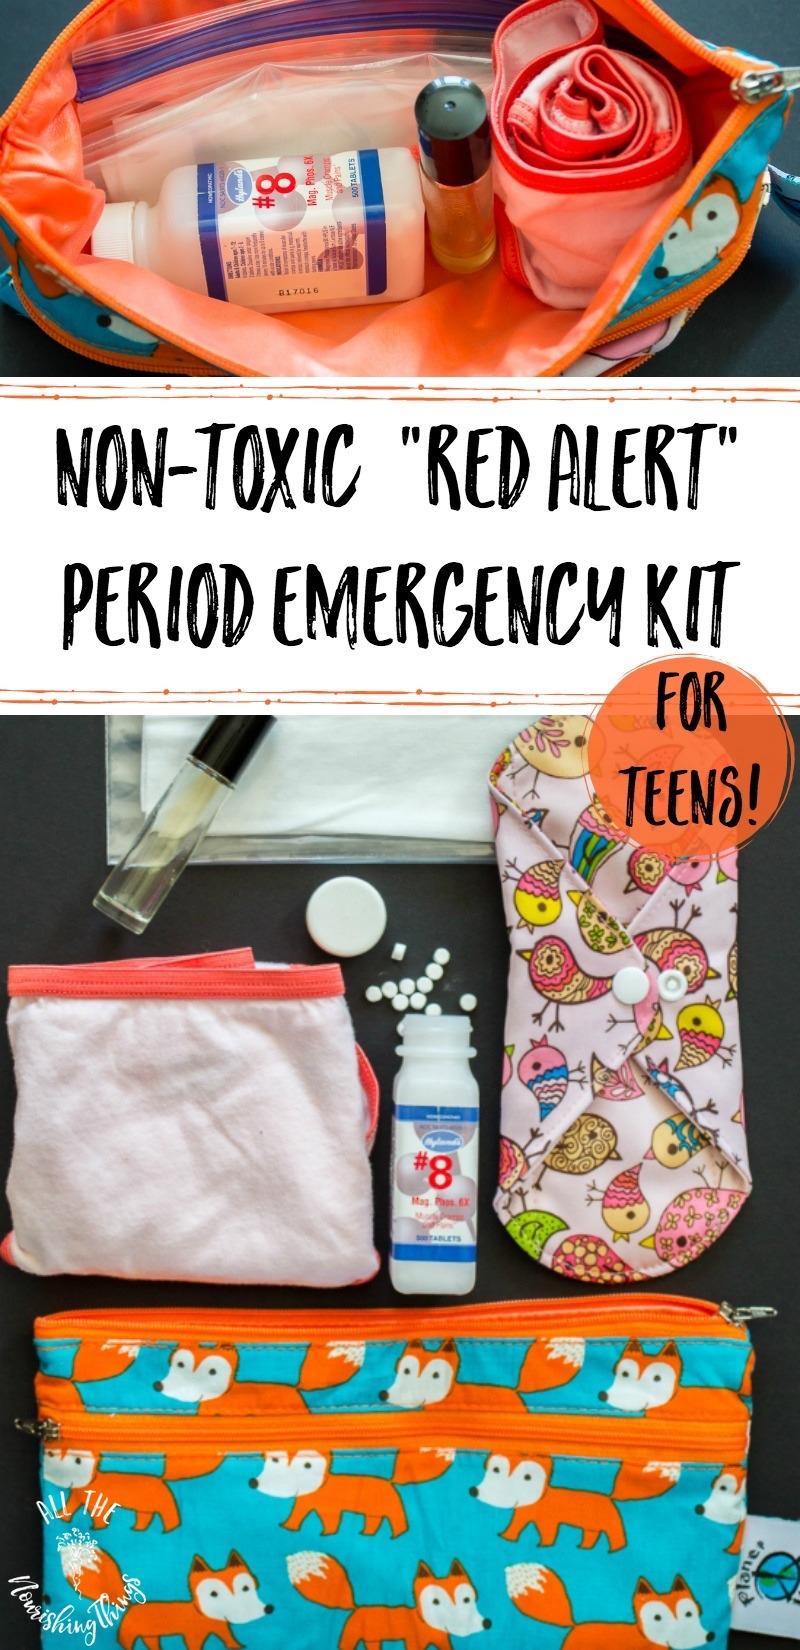 non-toxic period emergency kit